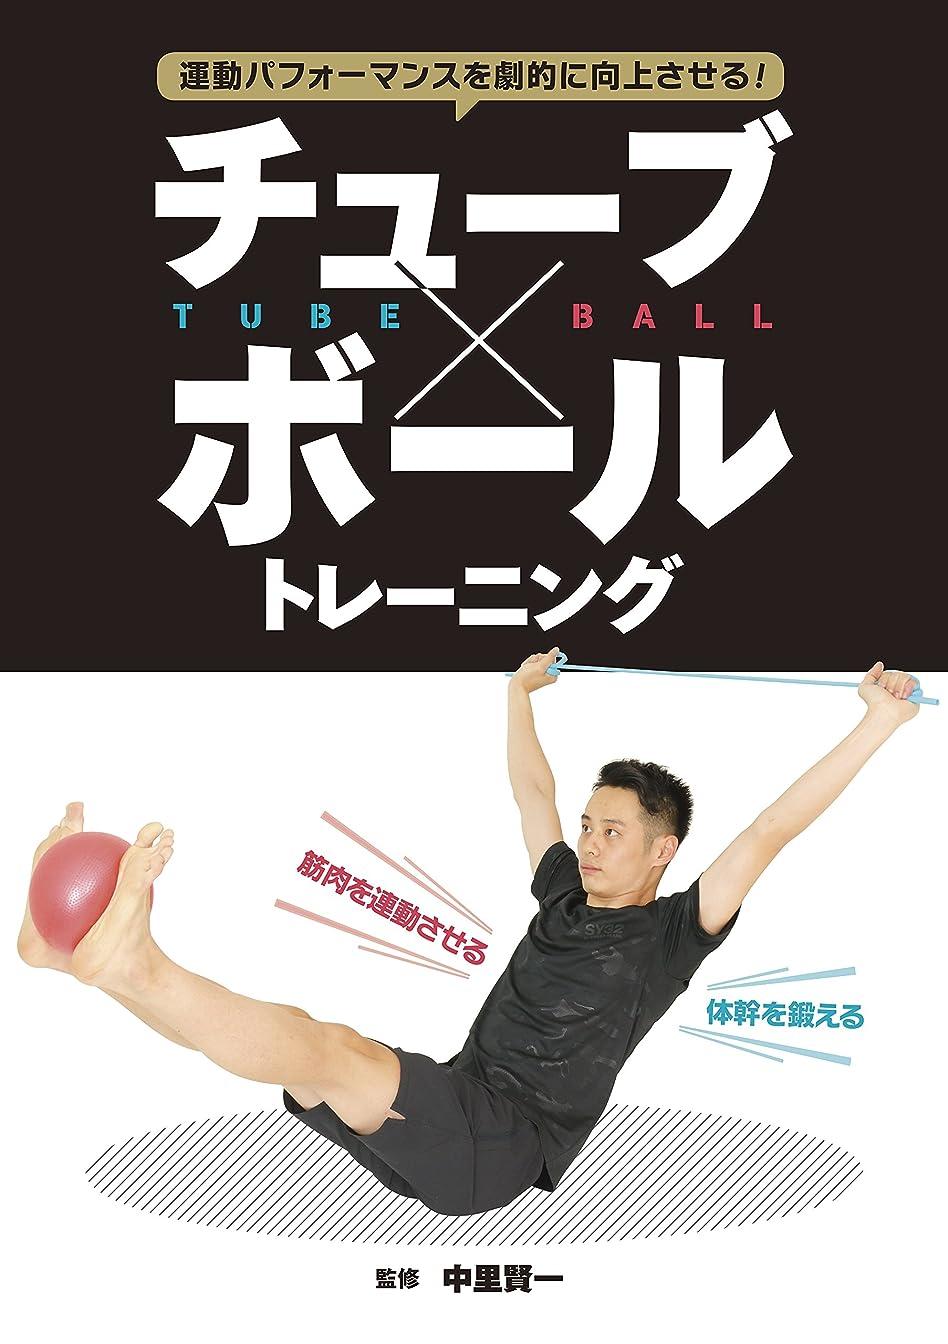 トラフポルトガル語全員運動パフォーマンスを劇的に向上させる!チューブ×ボールトレーニング 体幹を鍛える 筋肉を連動させる〈特製チューブ?ボール各1個付き〉